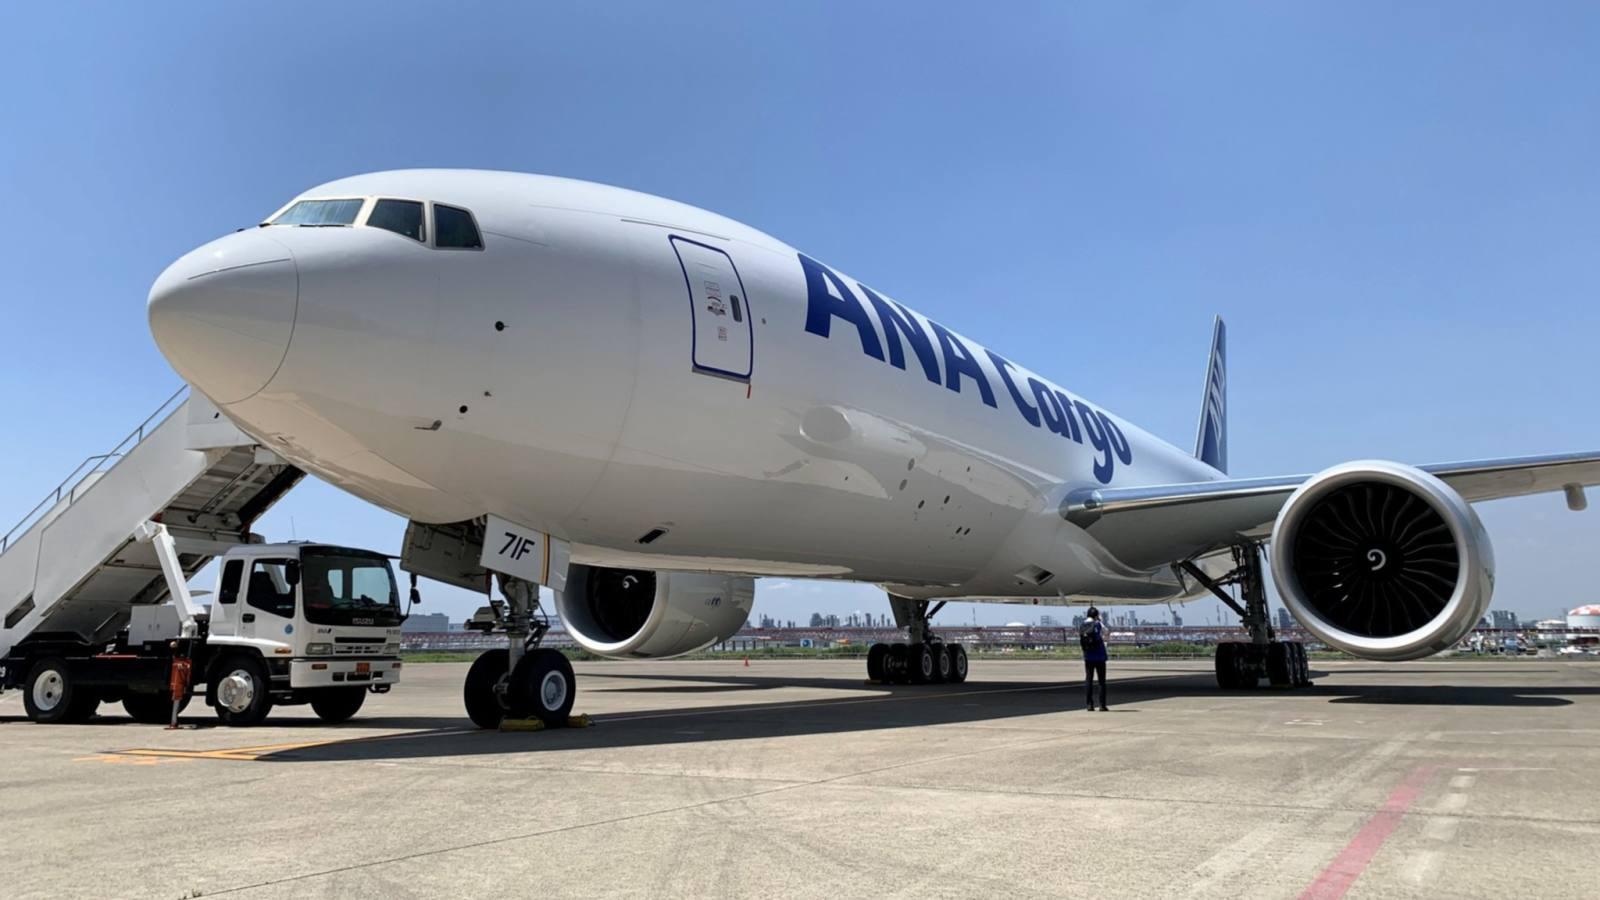 Hàng trăm máy bay nằm đắp chiếu giữa mùa Covid - 19 - Ảnh 4.